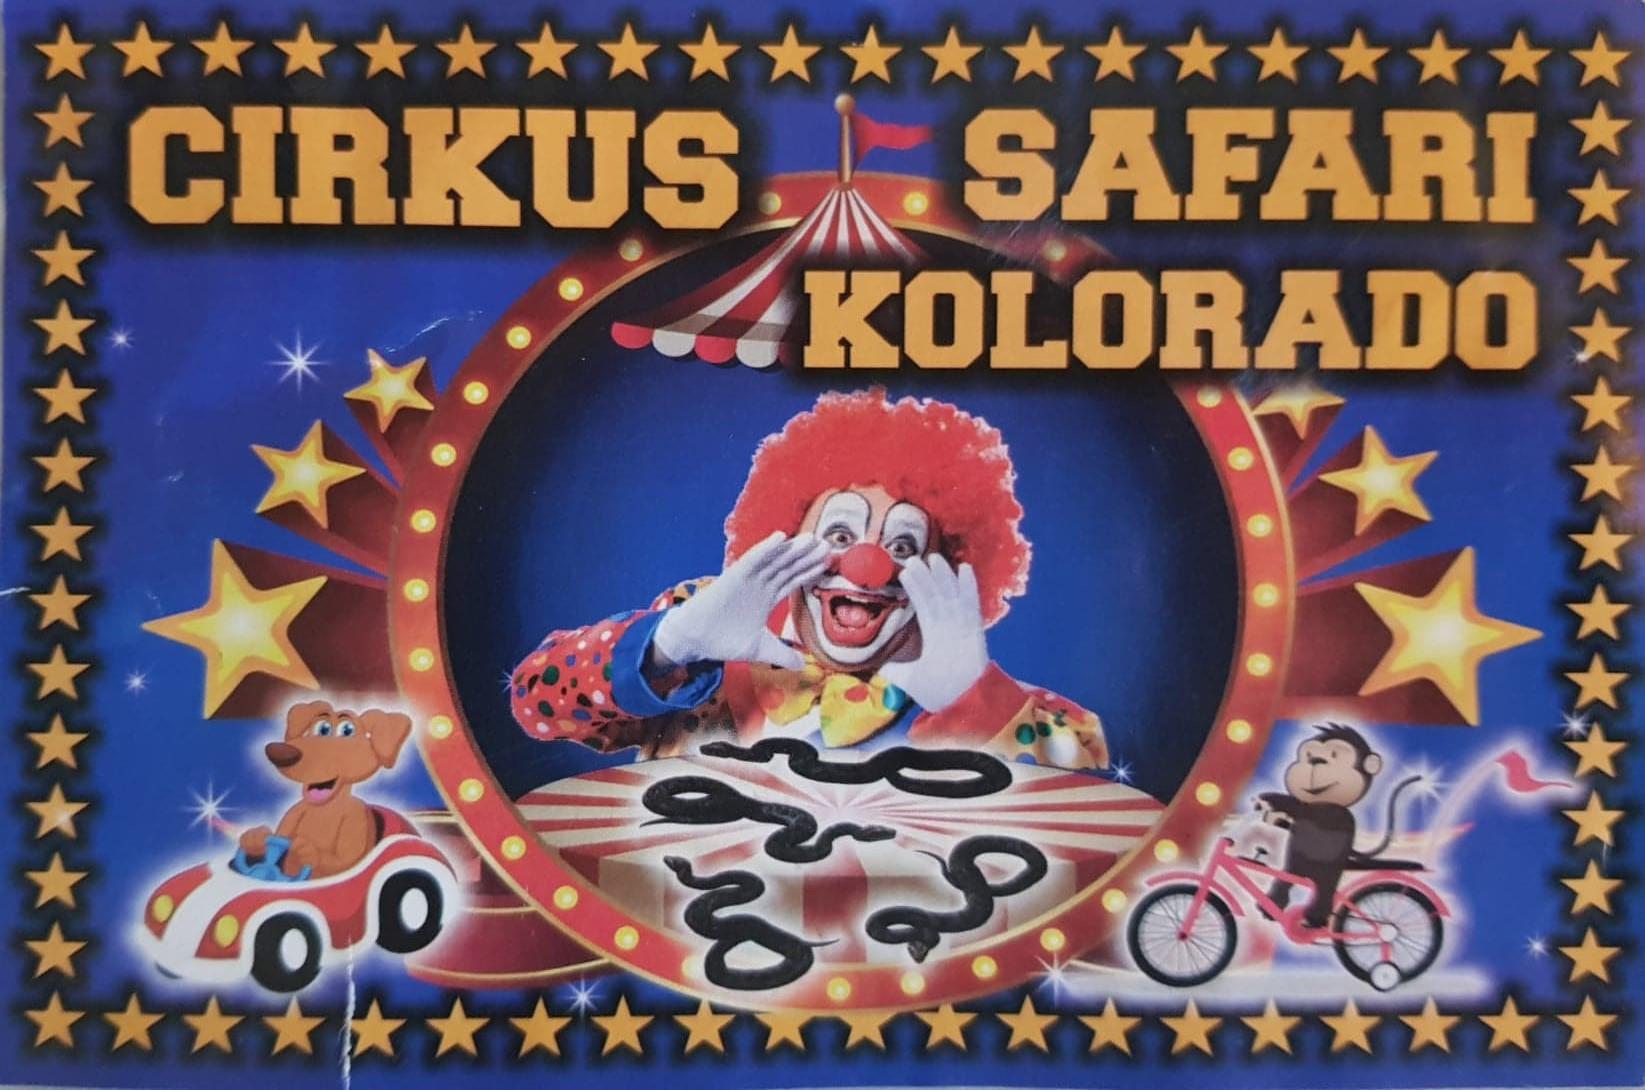 """Циркус """"Сафари Колорадо"""" у Сврљигу - Центар за туризам, културу и спорт  Сврљиг"""